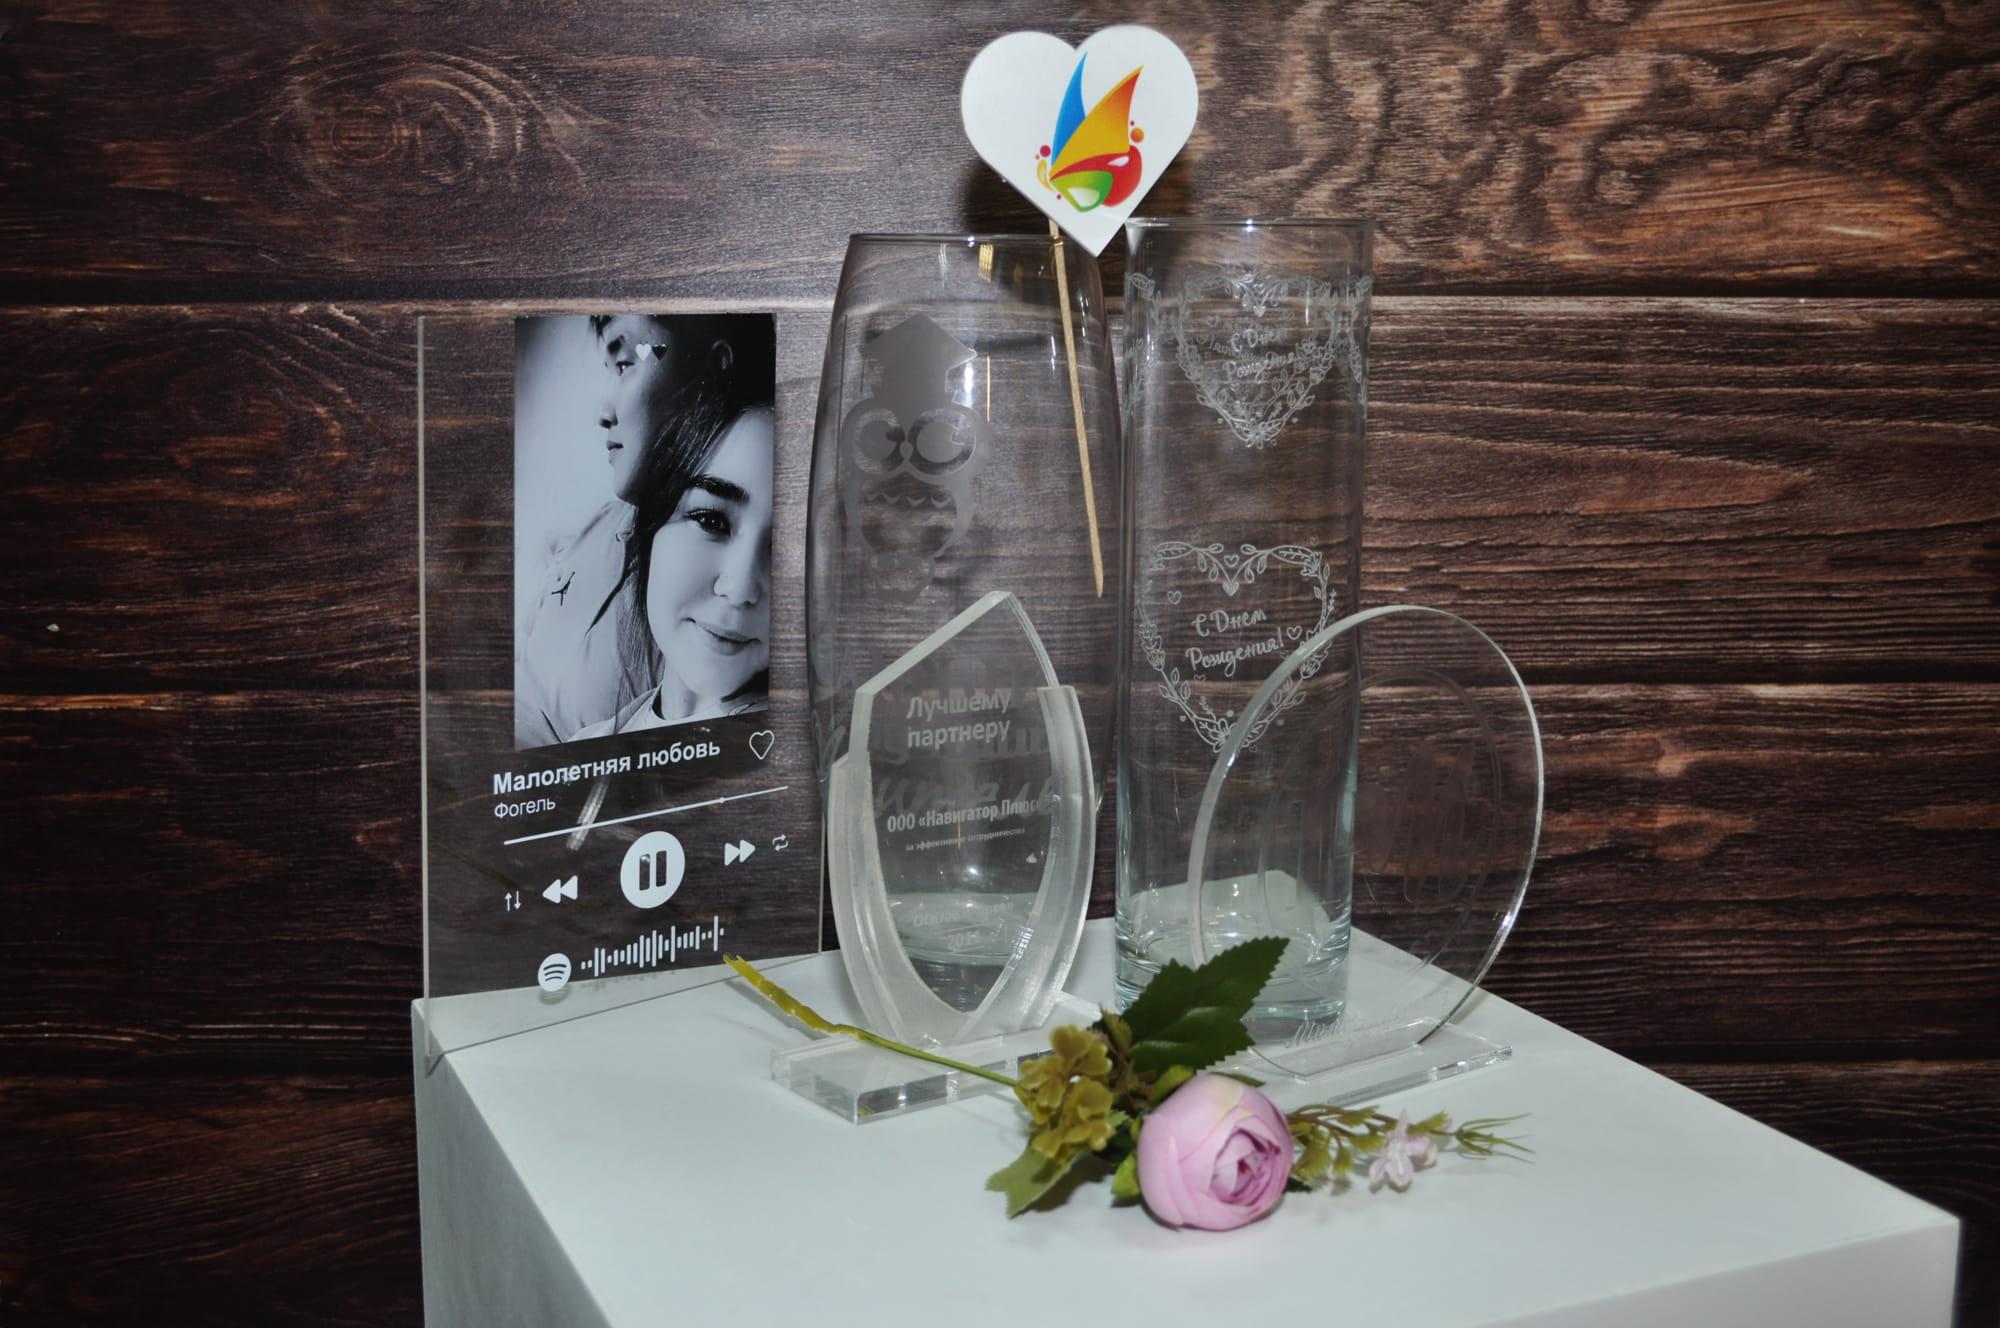 Сувениры на память гравировкана стекле